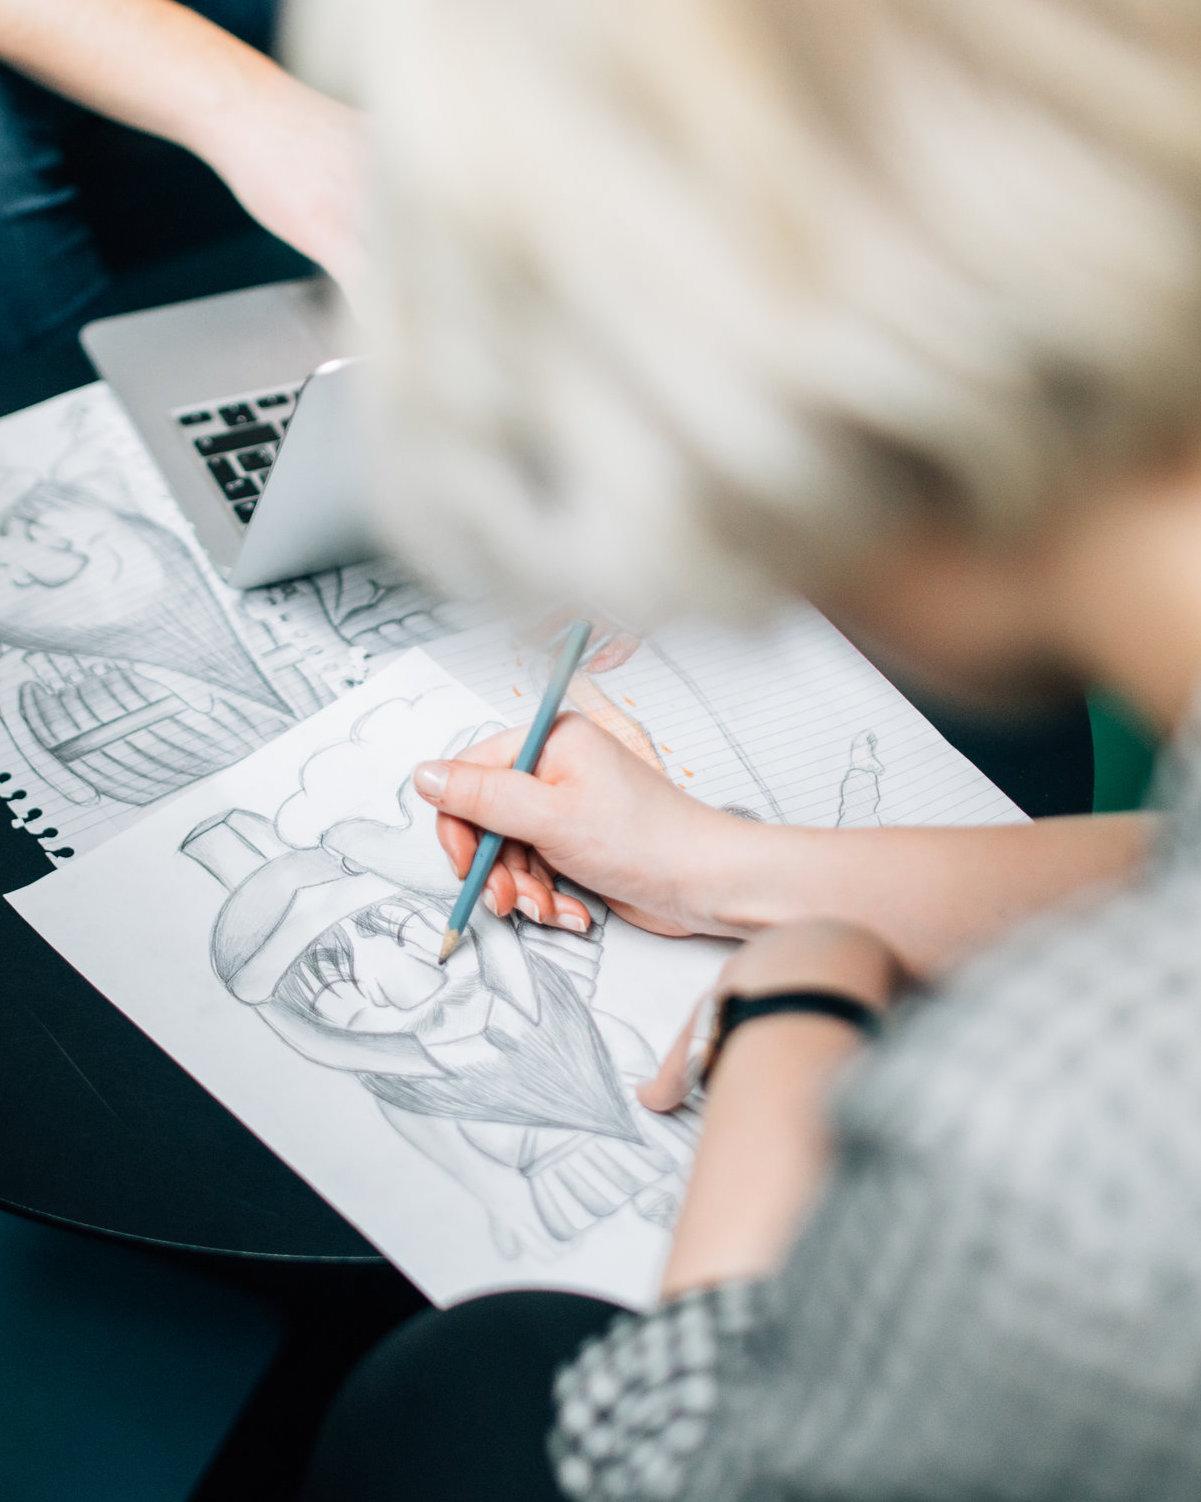 Graphium School ベーシックプログラム - 日常のちょっとしたワンシーンに4コマを描きたい、趣味でキャラクターを描けたらいいなという初級者向け講座。プロマンガ家の講師と一緒に、まずは描く楽しさを学ぶことから始めませんか。